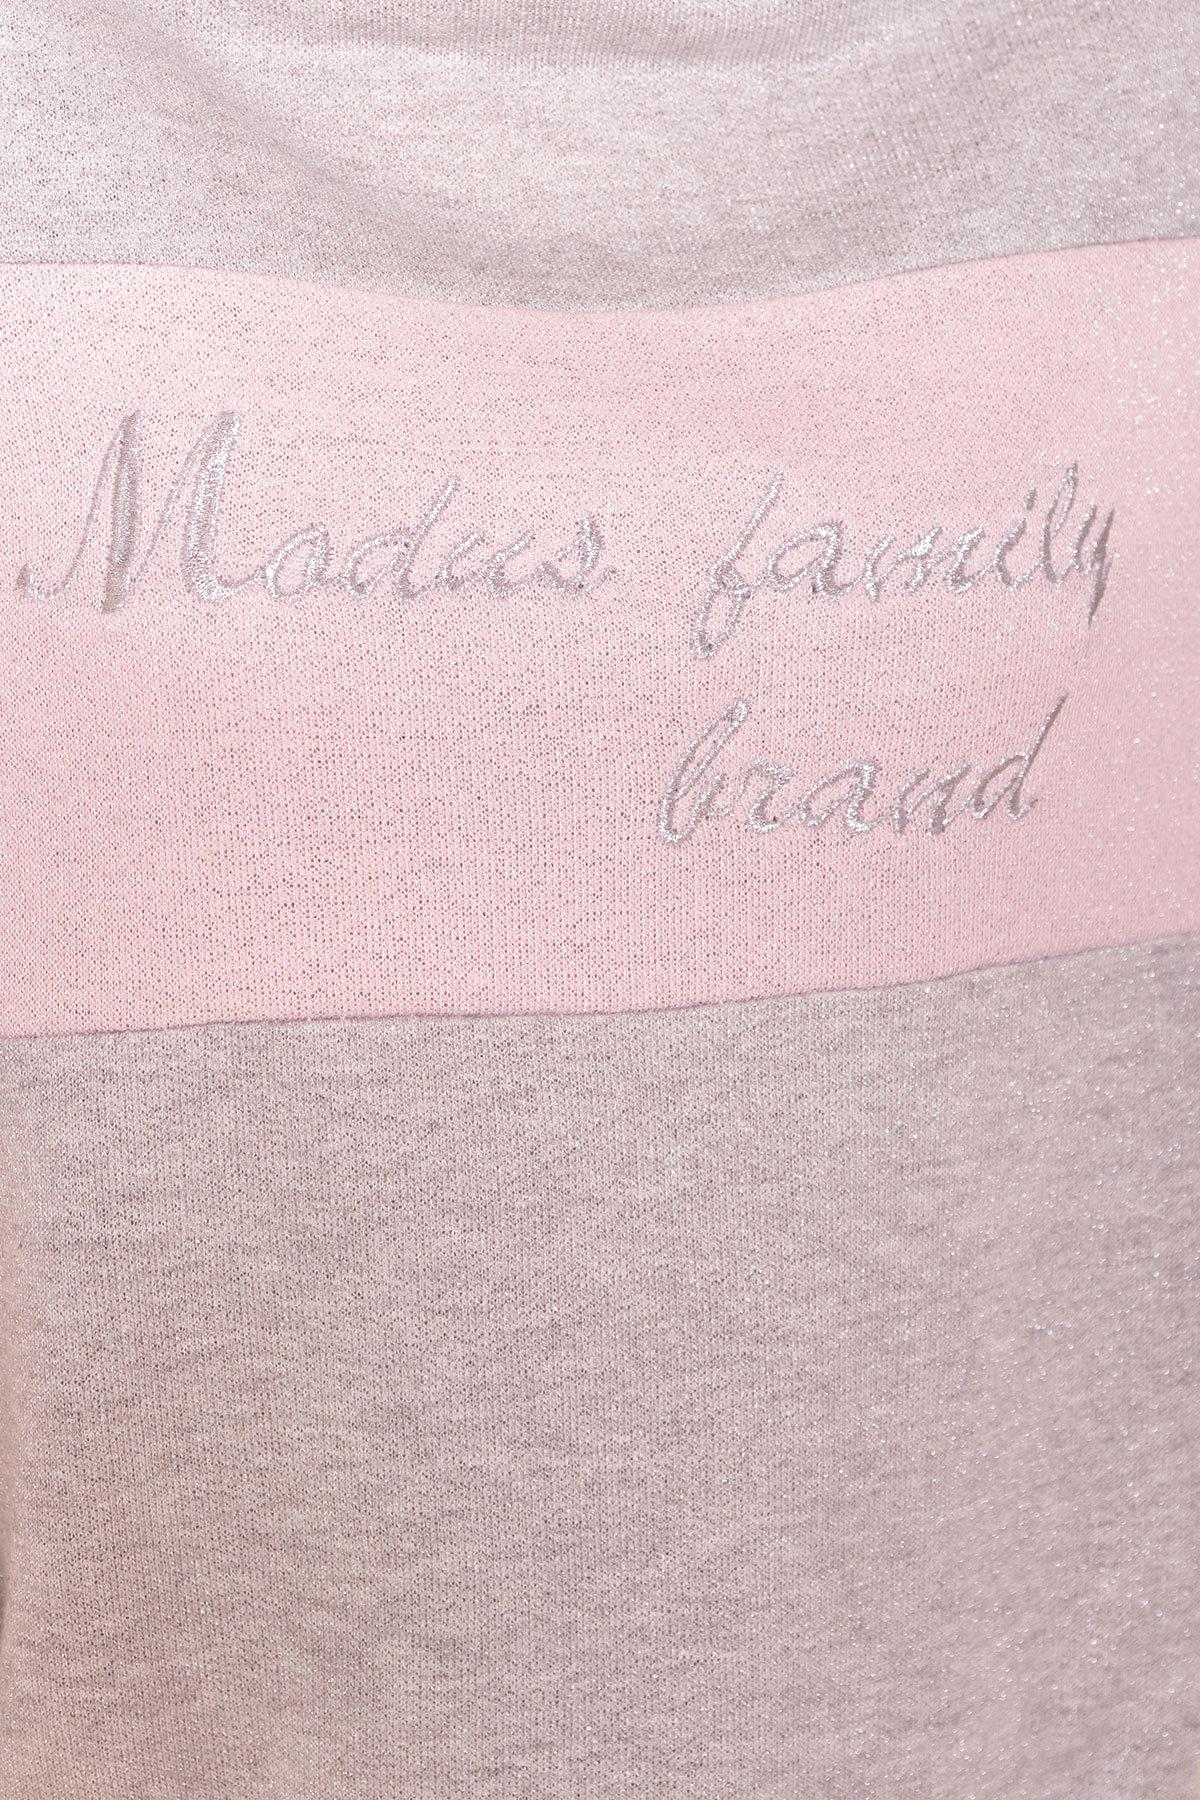 Костюм Фемили  6657 АРТ. 41752 Цвет: Серый светлый/Розовый - фото 5, интернет магазин tm-modus.ru